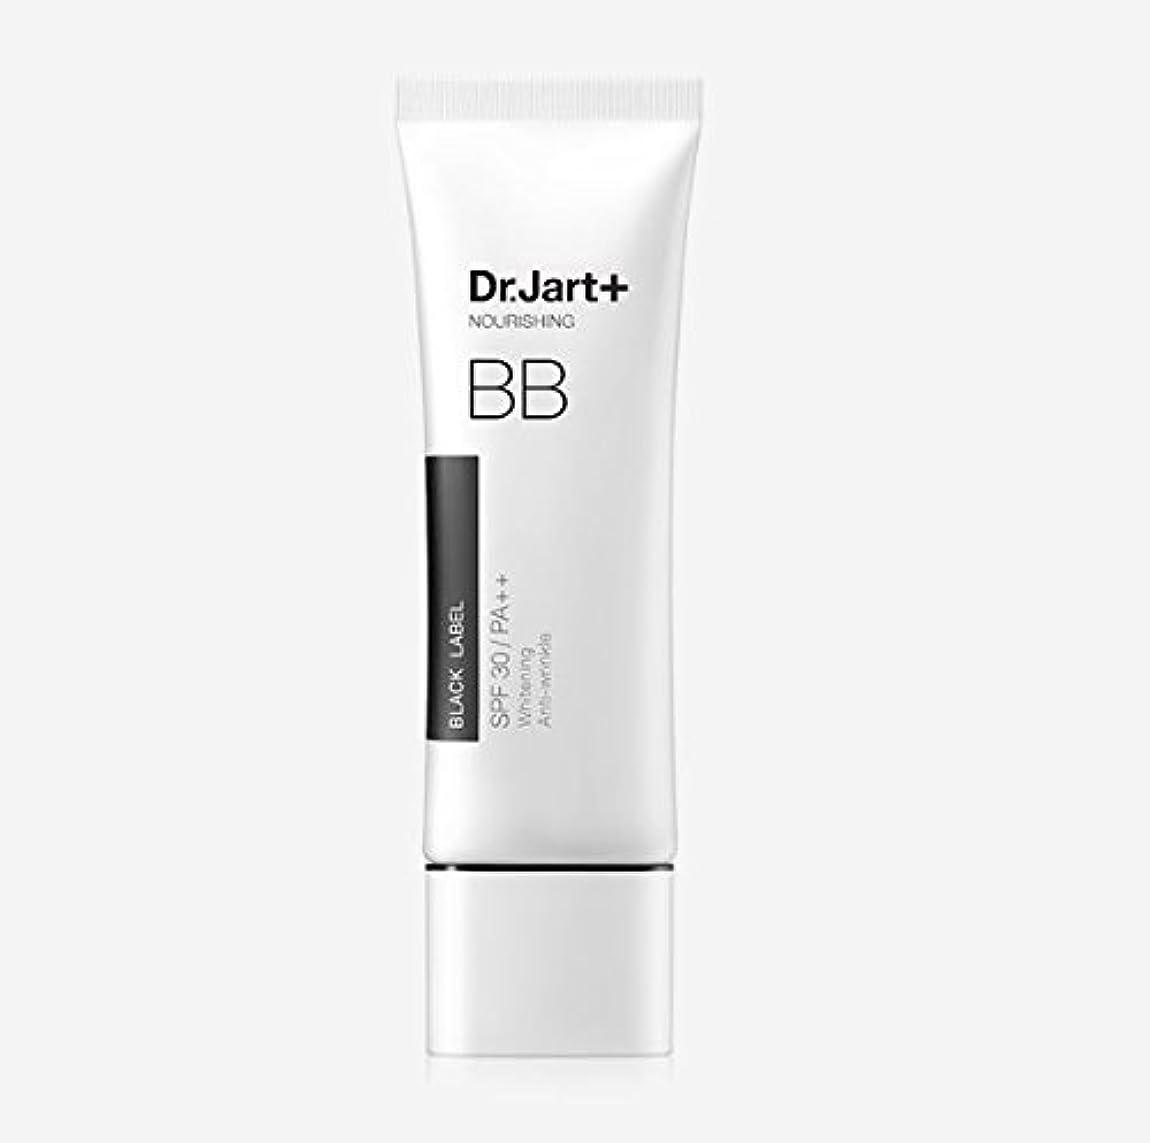 電話ウイルスサービス[Dr. Jart] Black Label BB Nourishing Beauty Balm 50ml SPF30 PA++/[ドクタージャルト] ブラックラベル BB ナリーシン ビューティー バーム 50ml SPF30...